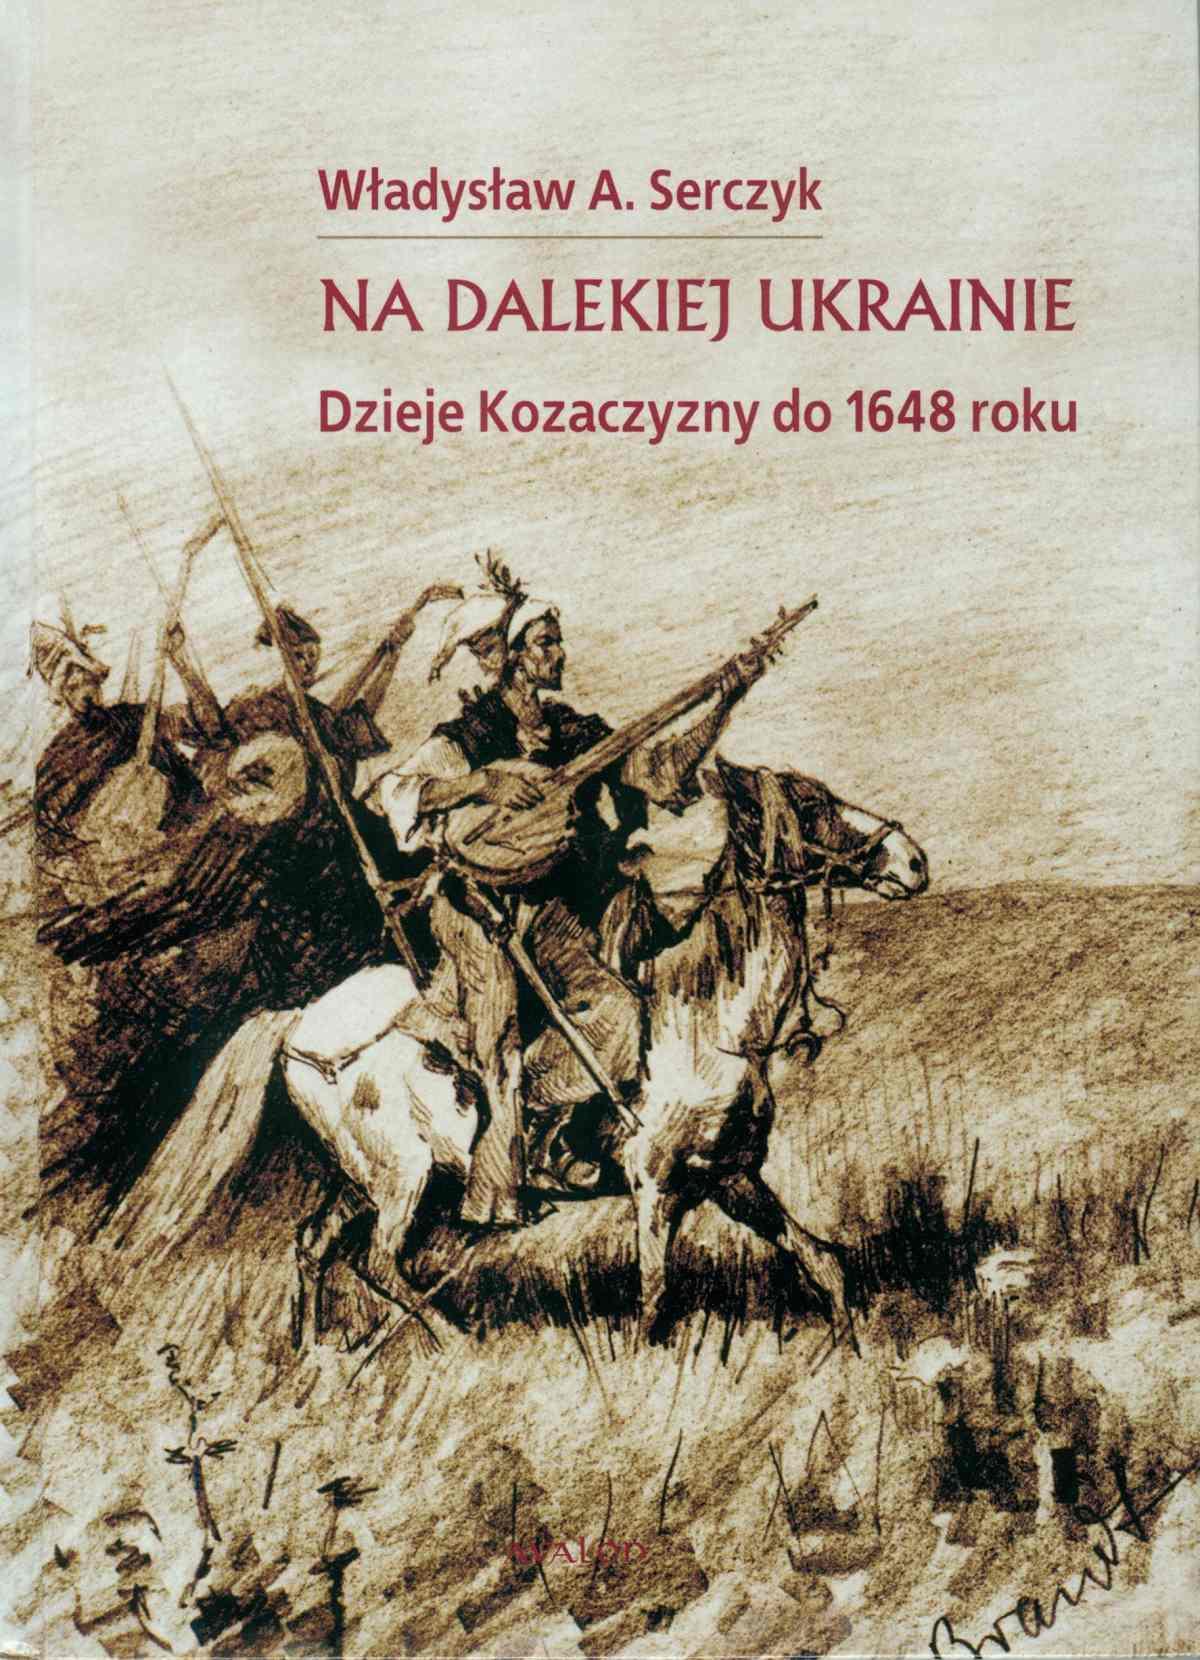 Na dalekiej Ukrainie. Dzieje Kozaczyzny do 1648 roku. - Ebook (Książka PDF) do pobrania w formacie PDF